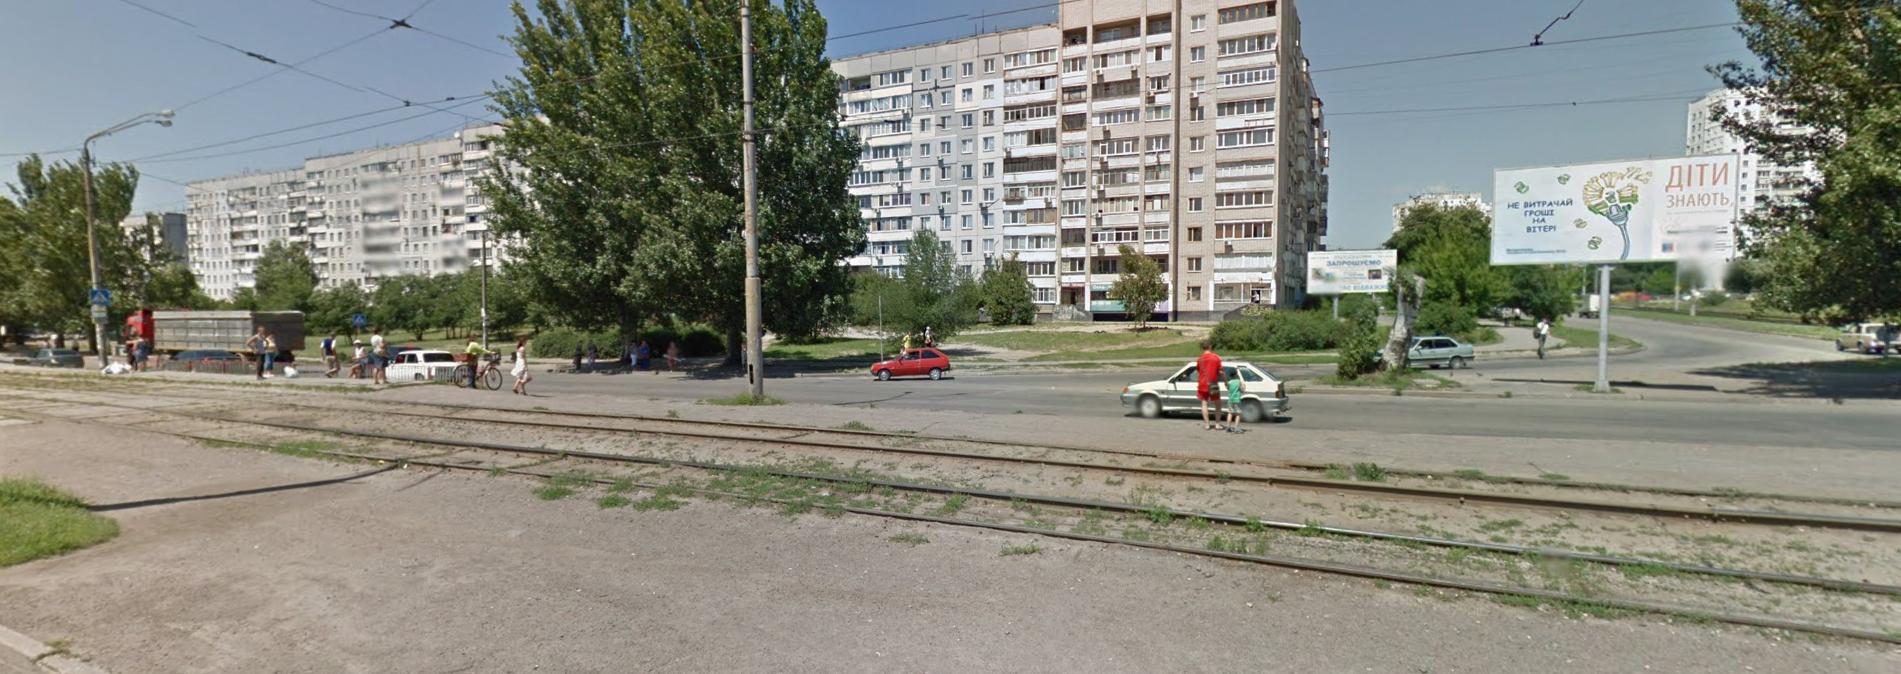 перекресток Донецкое шоссе и пр. Мира